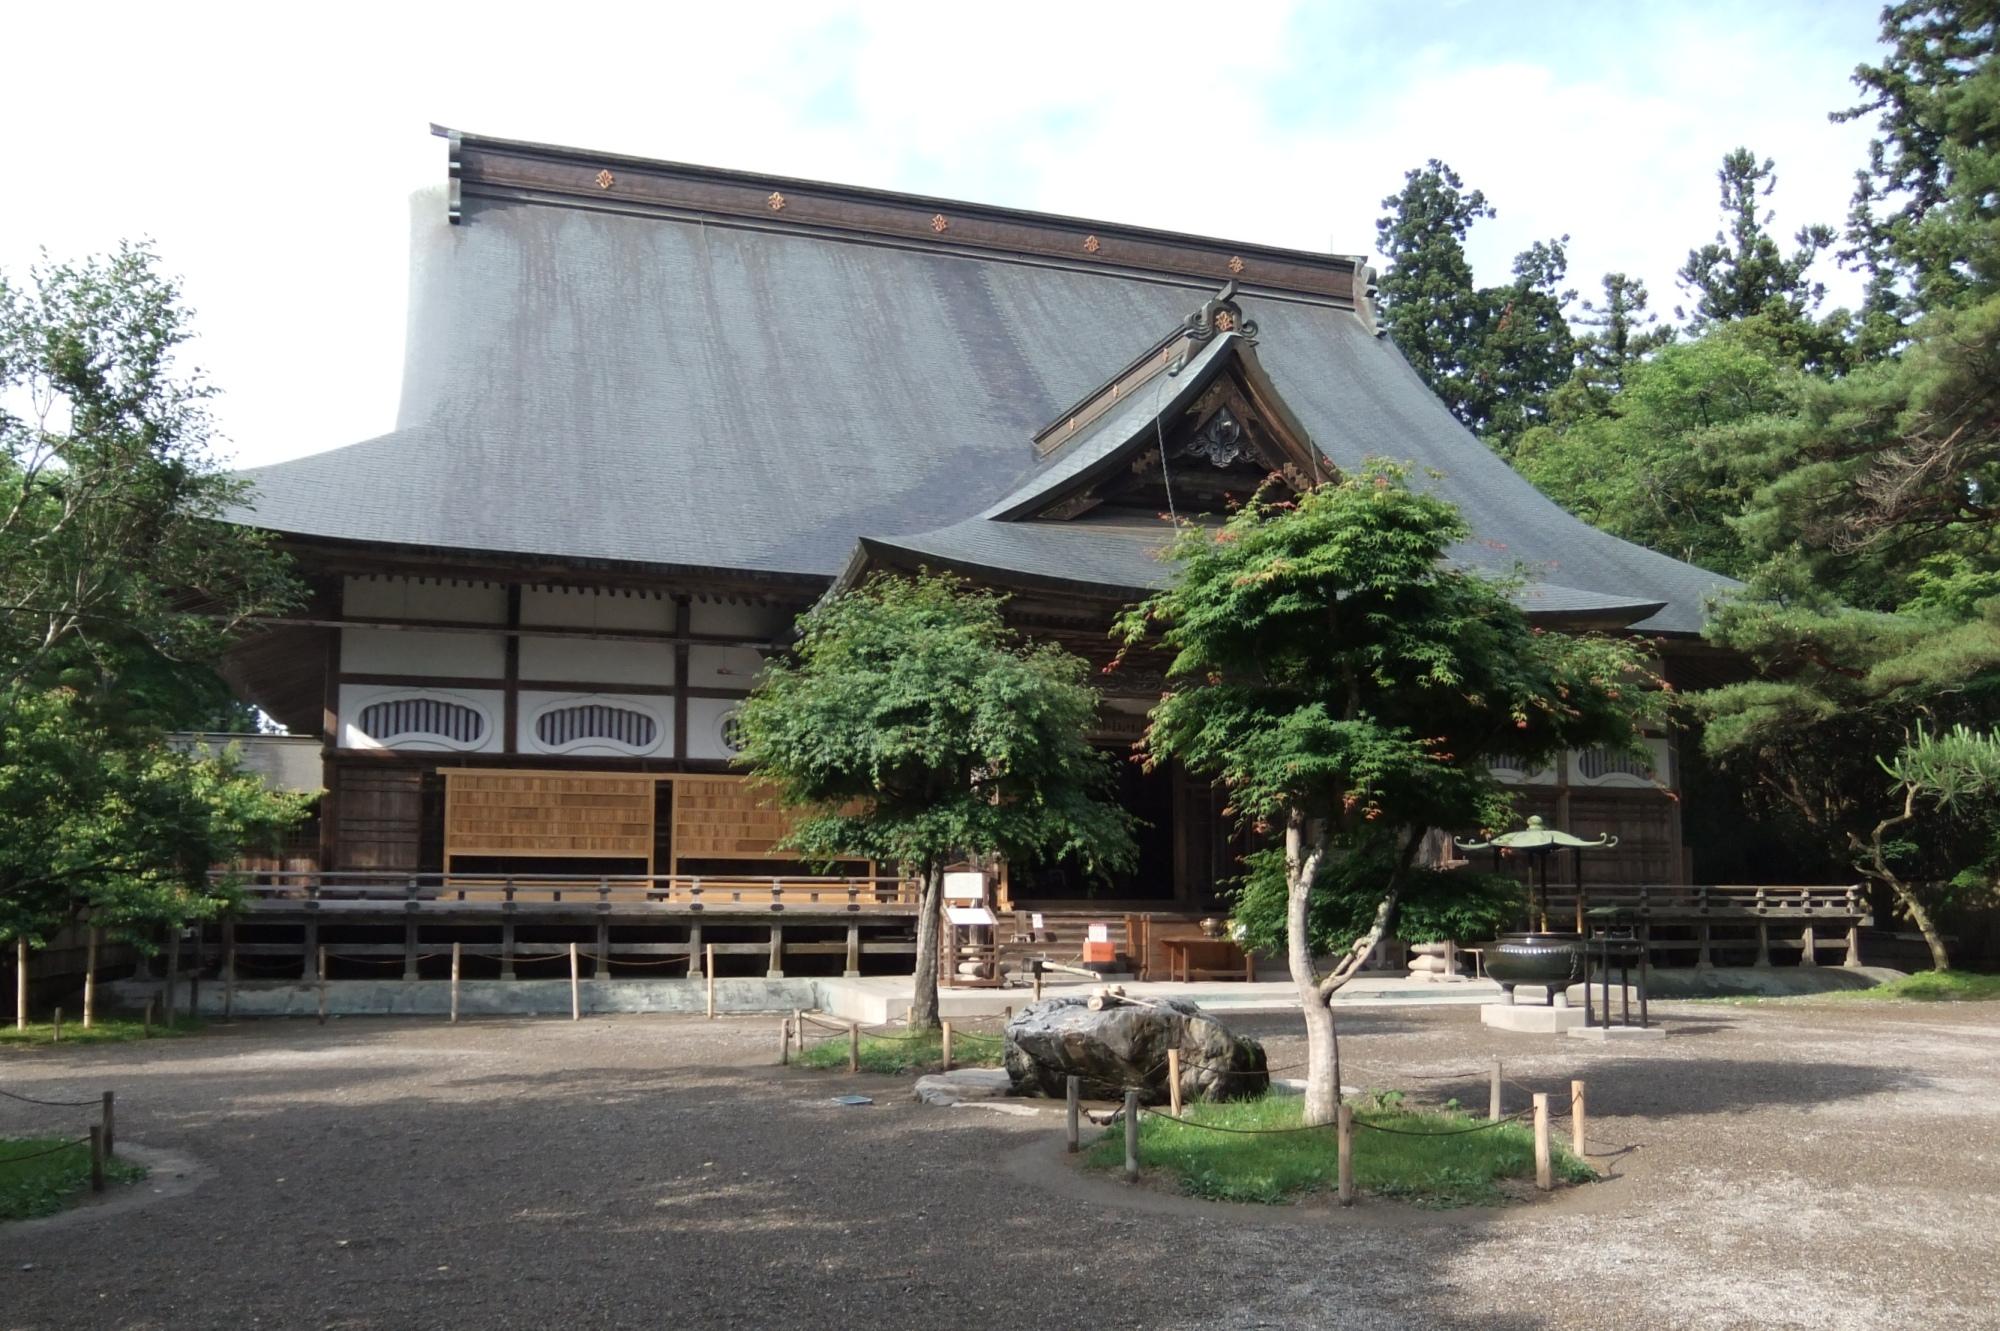 中尊寺の画像 p1_24